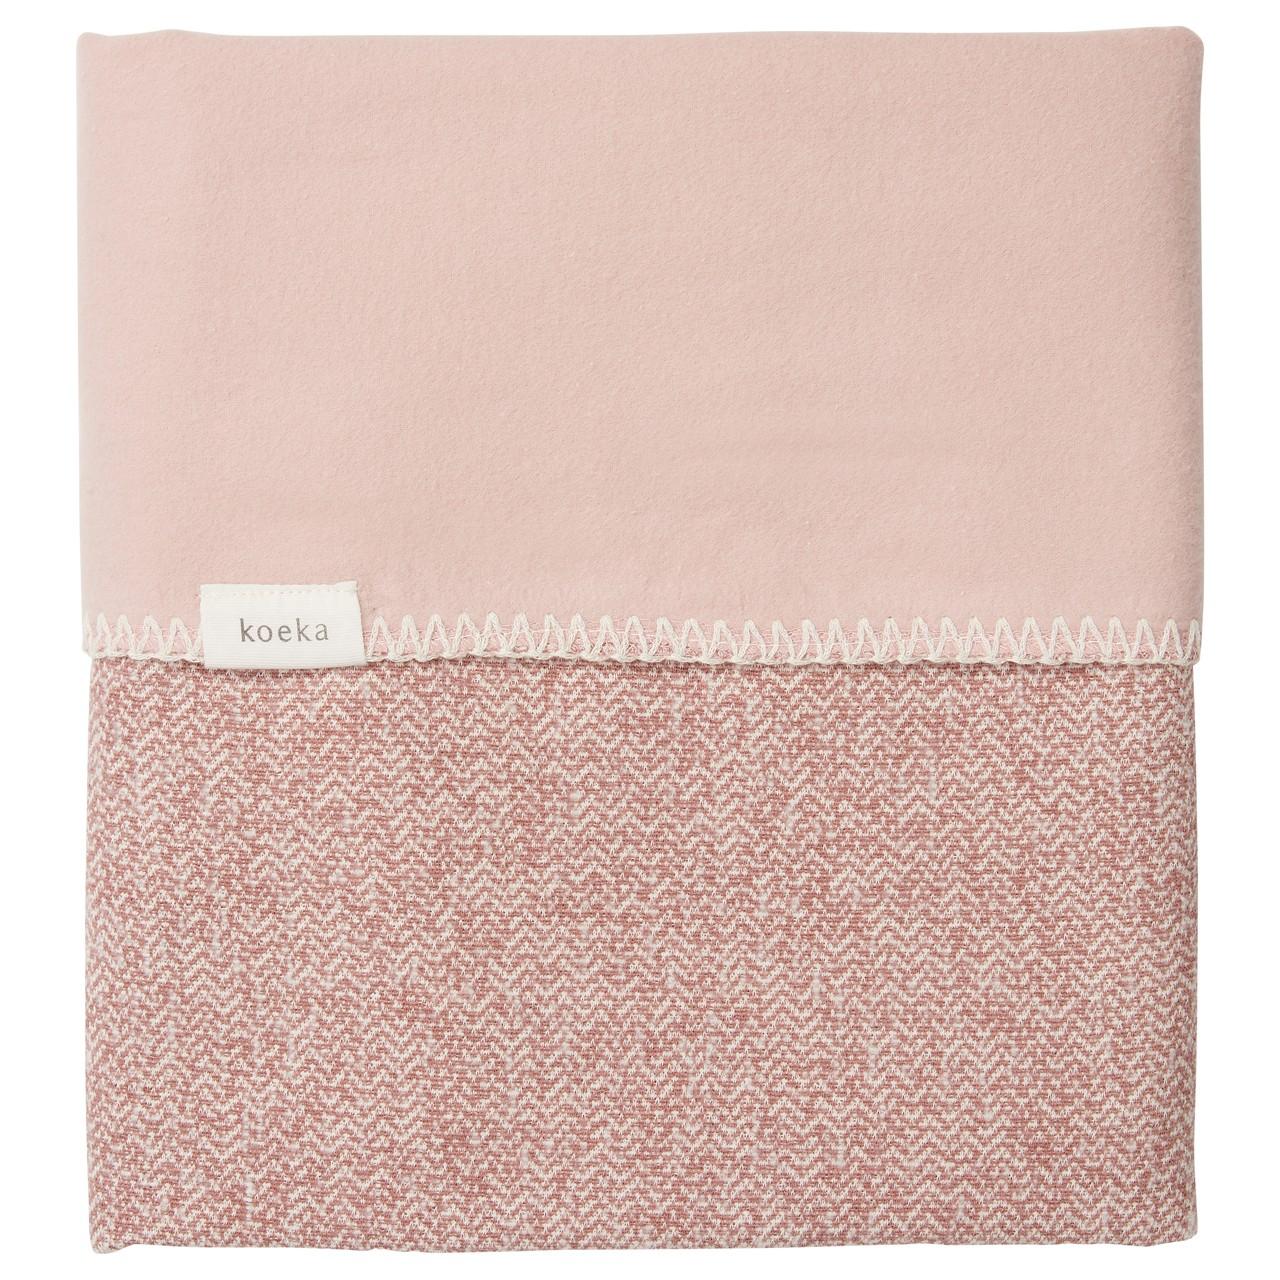 Koeka | Deken Ledikant Vigo Flanel 1069 0004 Old Pink Shadow Pink